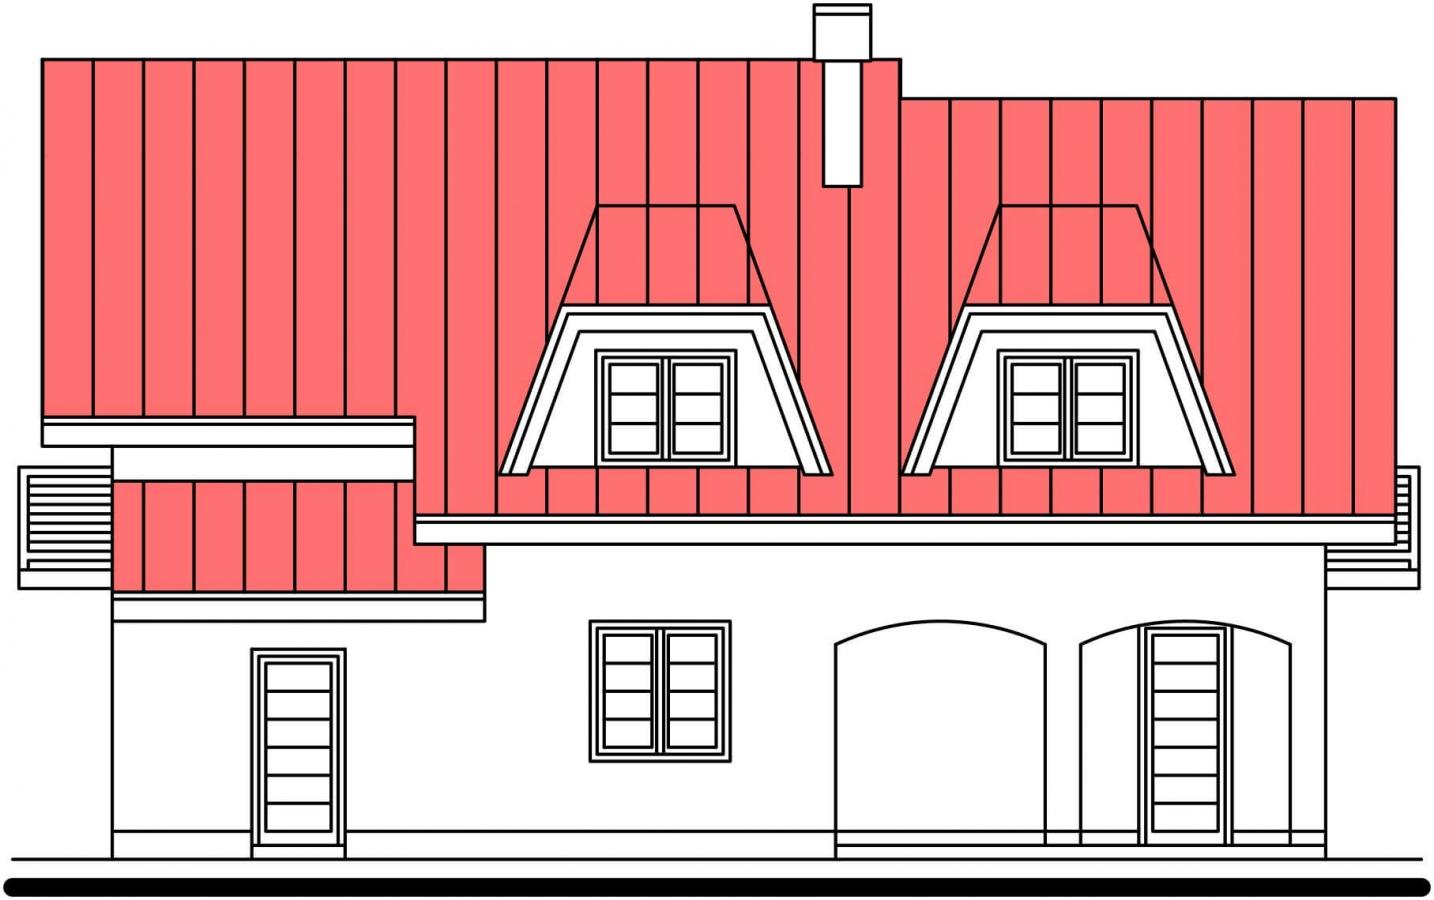 Pohľad 3. - Vidiecky rodinný dom.